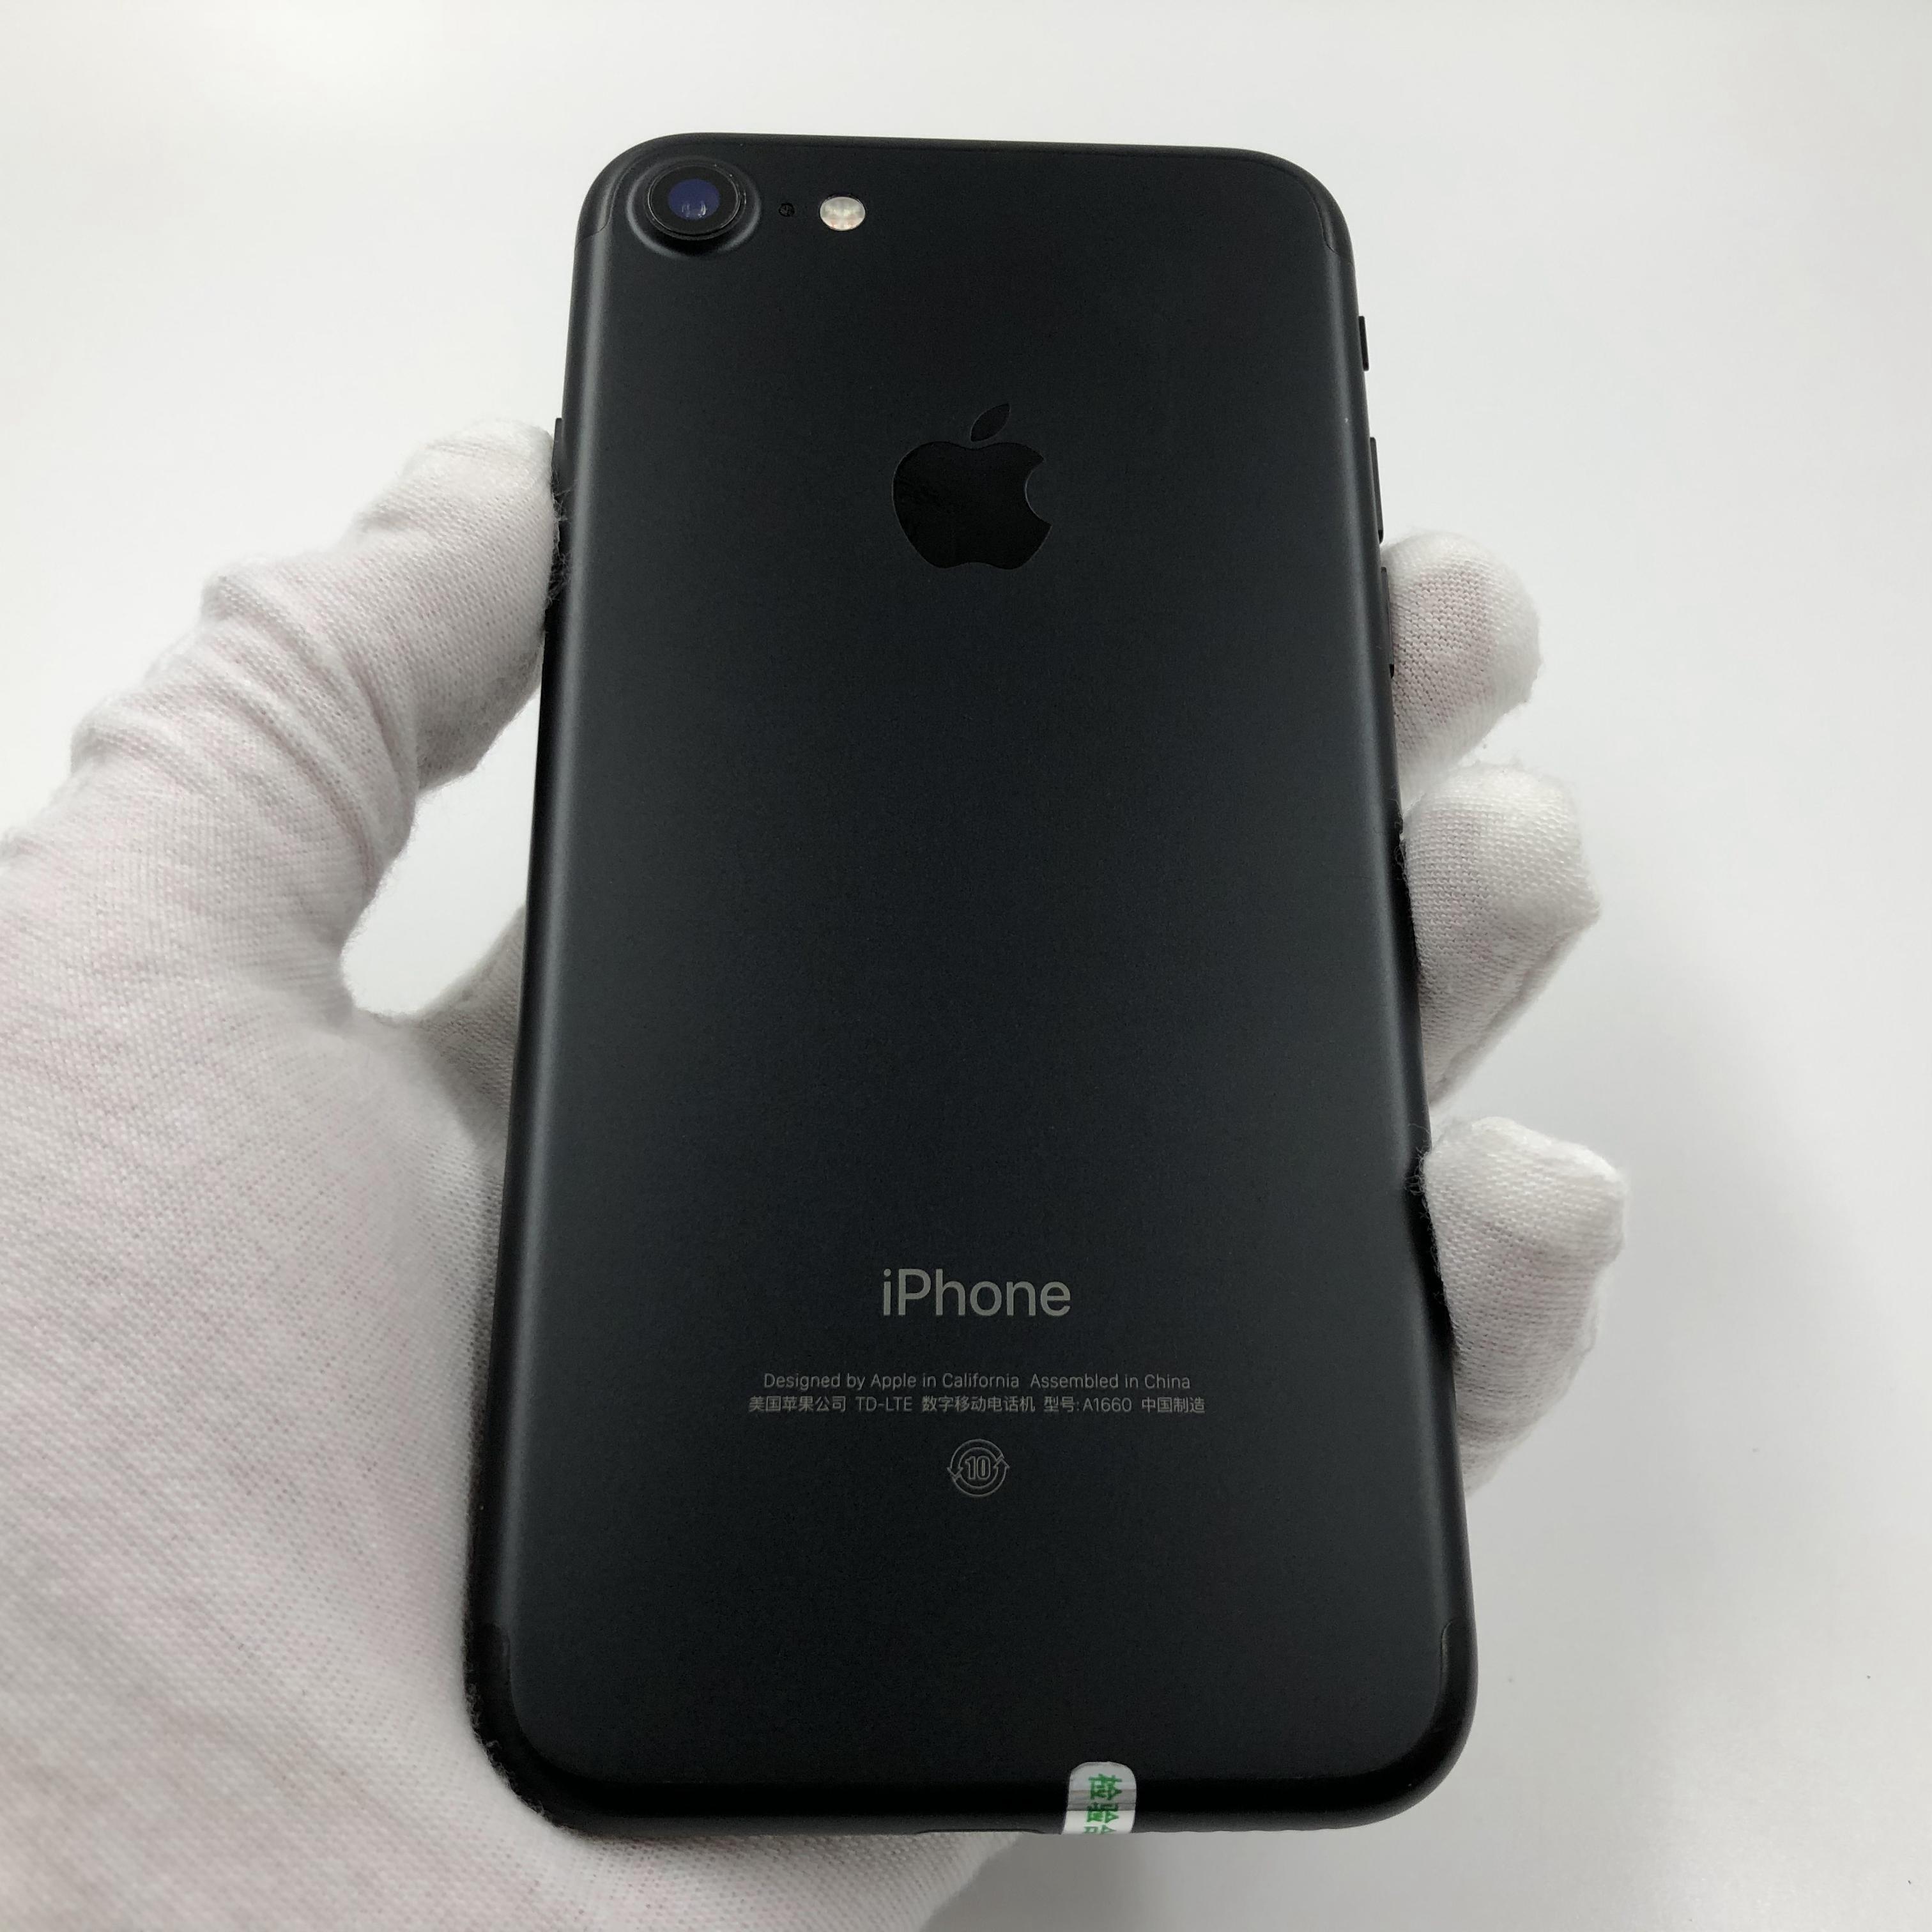 苹果【iPhone 7】4G全网通 黑色 128G 国行 9成新 真机实拍